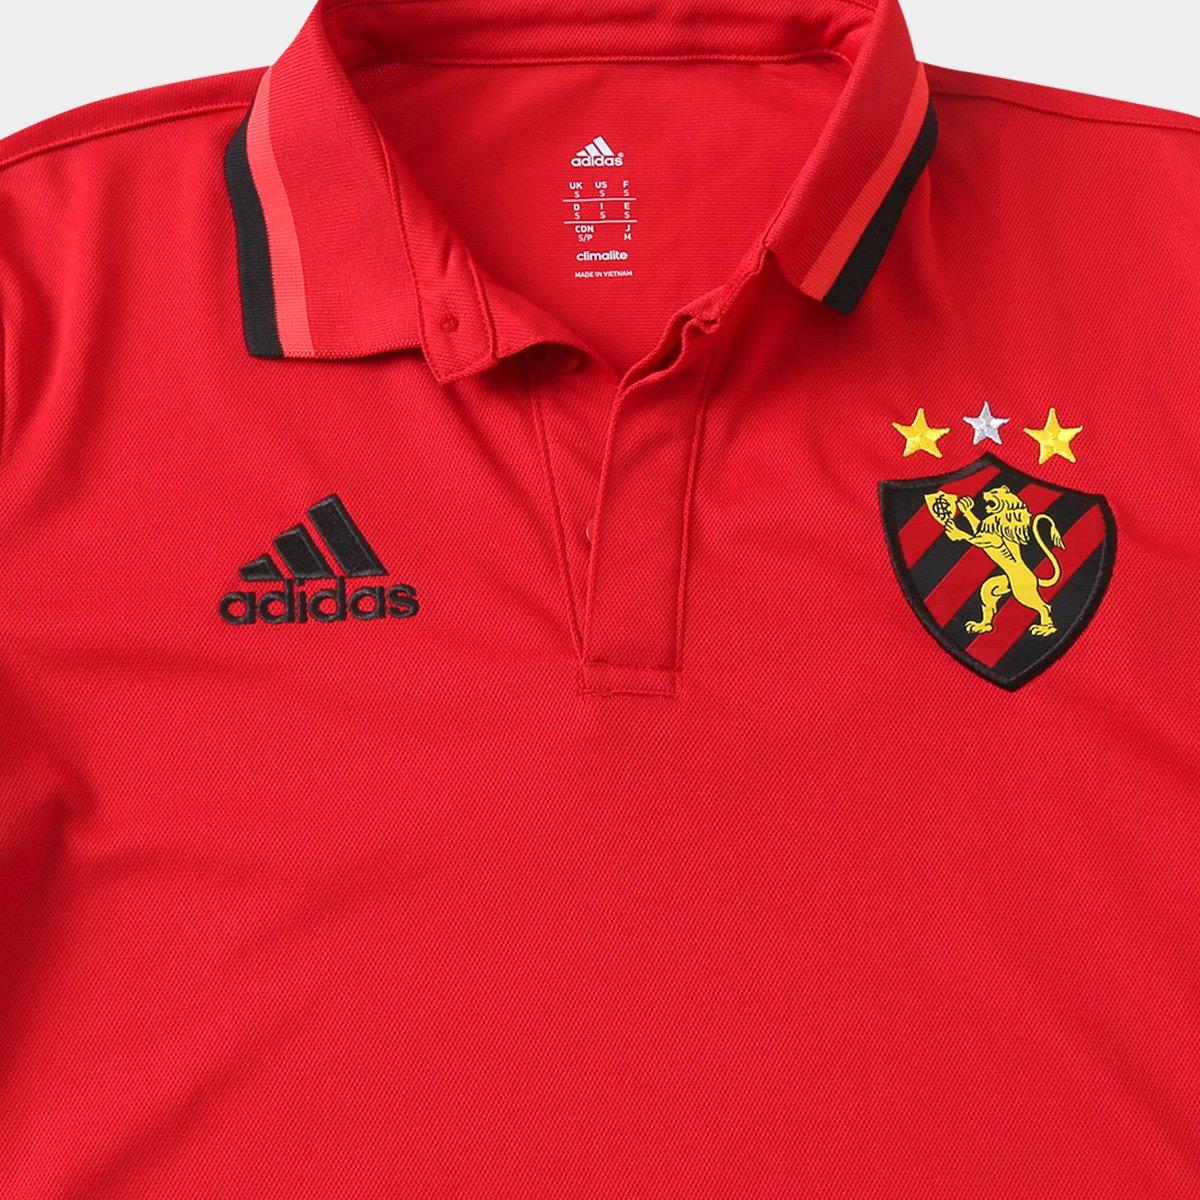 ... Camisa Polo Sport Recife Adidas Viagem Masculina - Compre Agora . 8c721c677b890